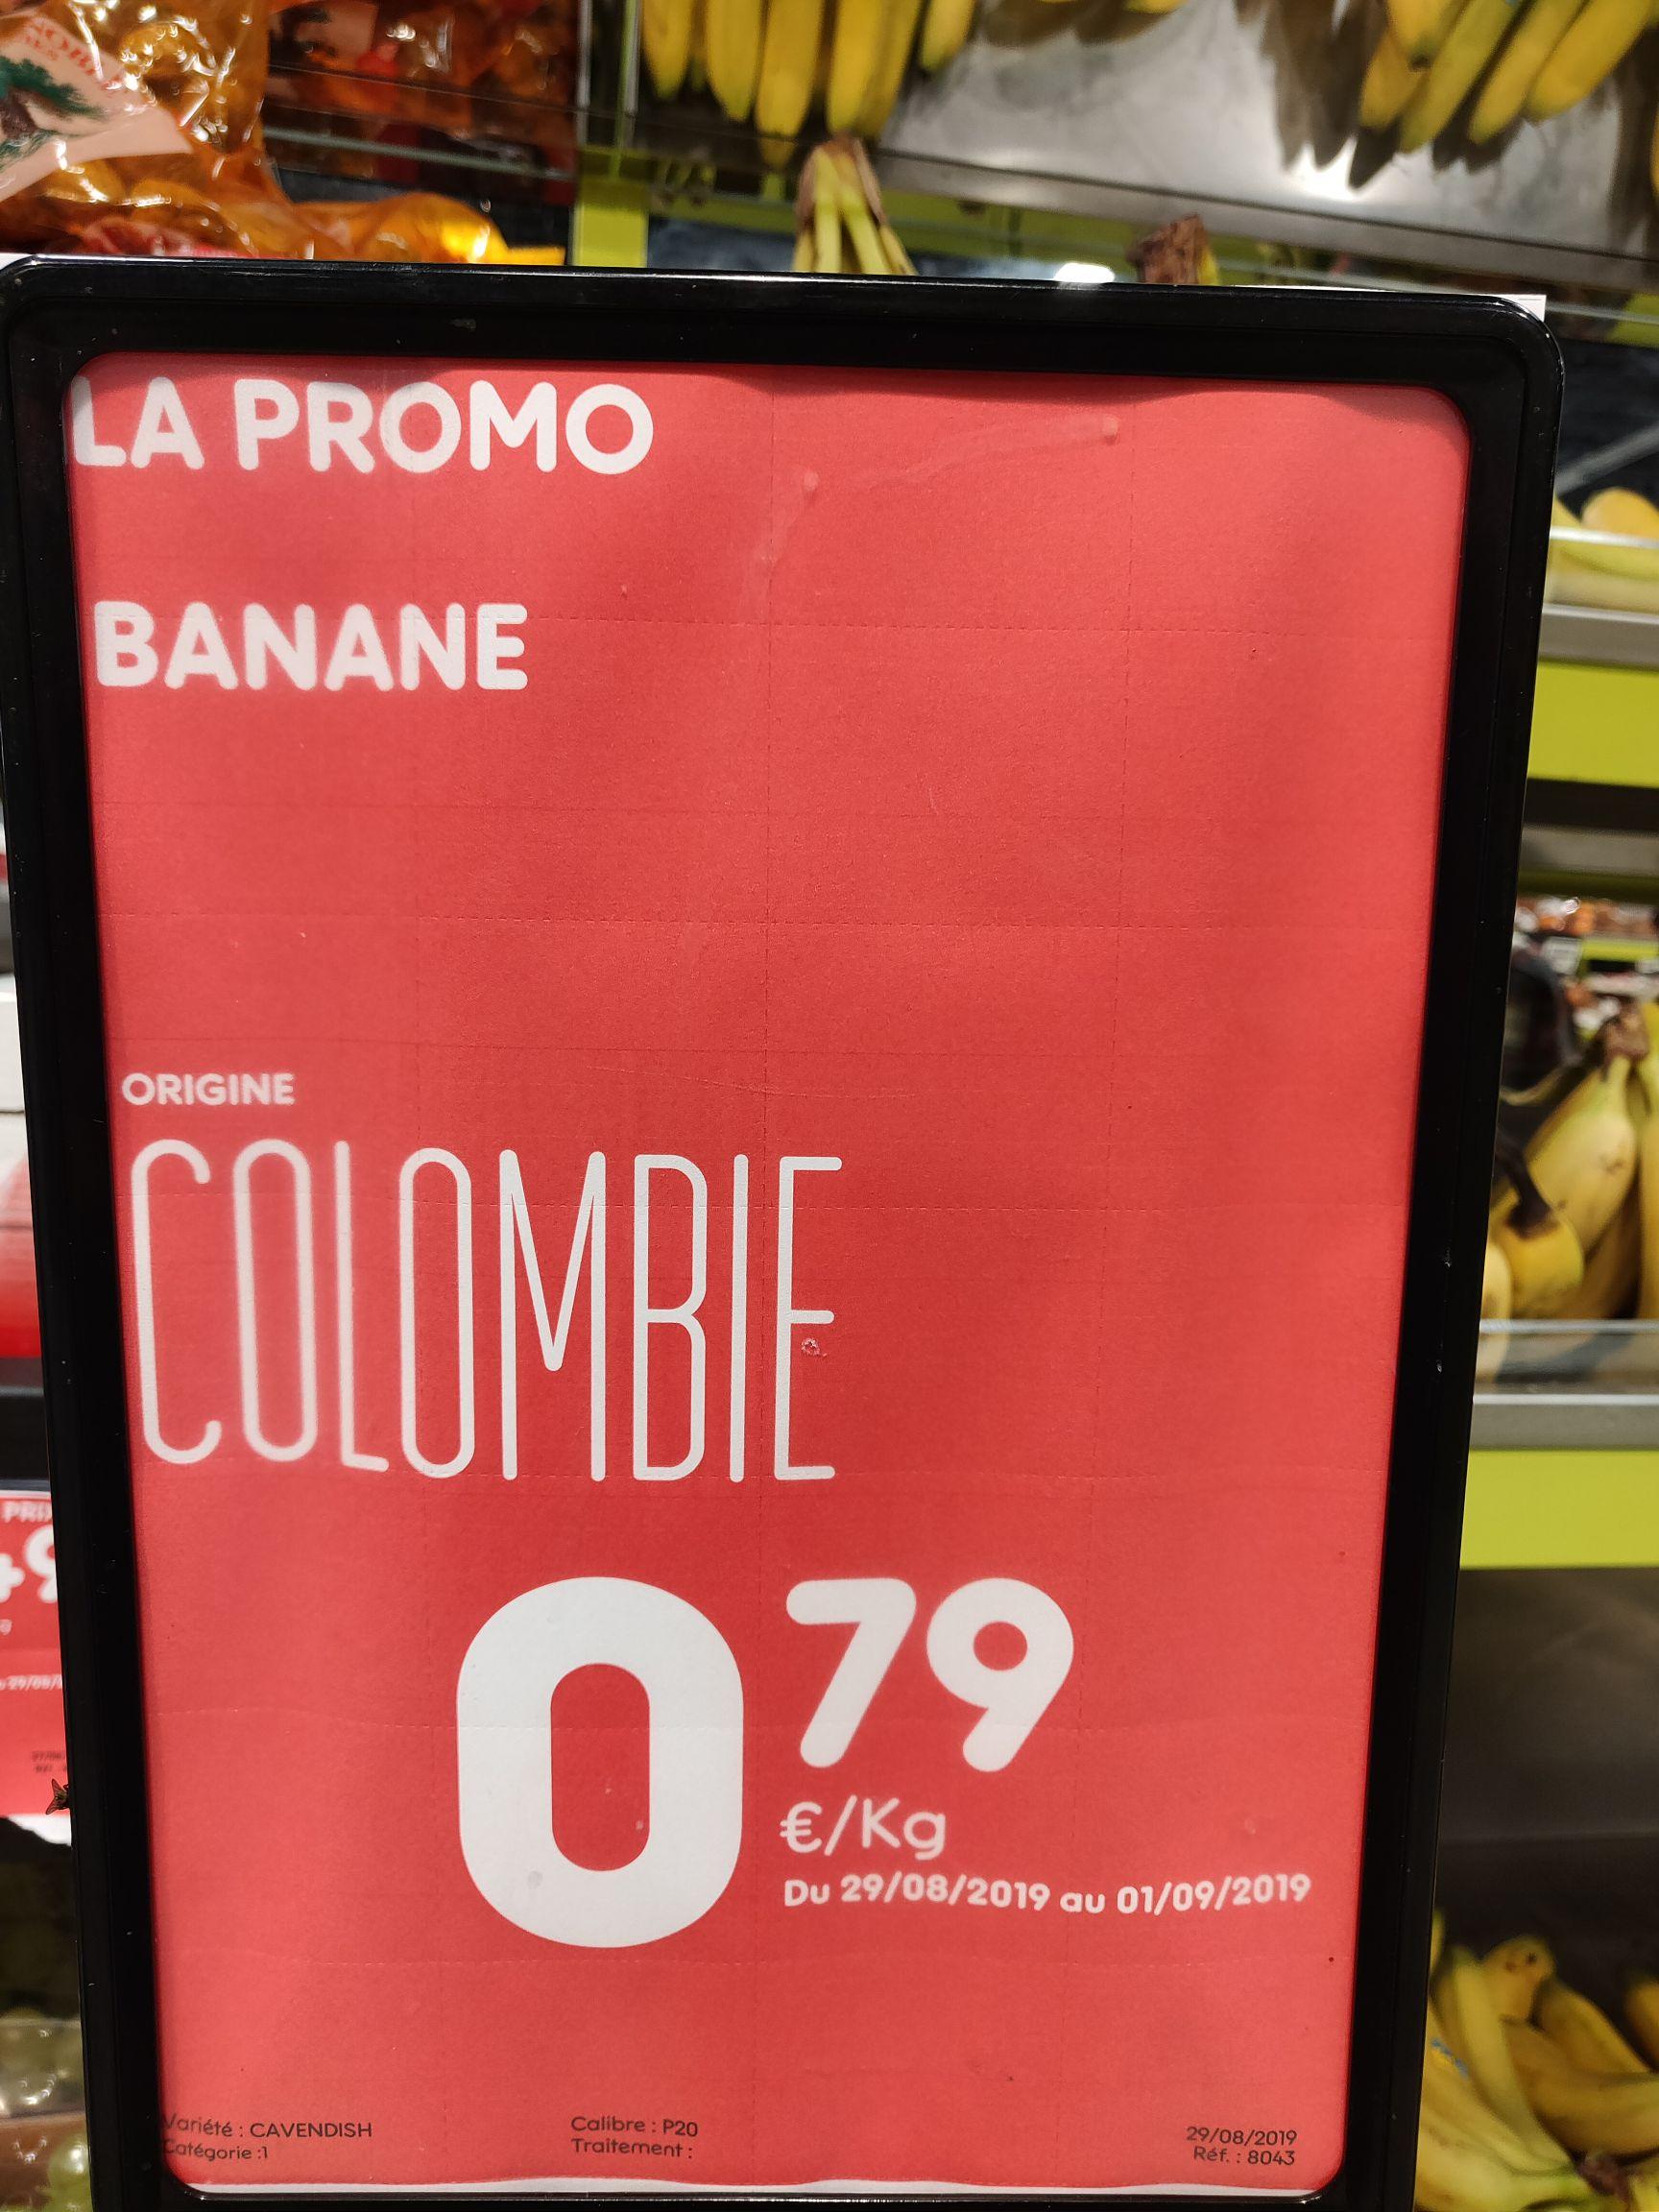 Bananes (origine Colombie, le kg) - Marché Frais Leader Price Marseille (13)